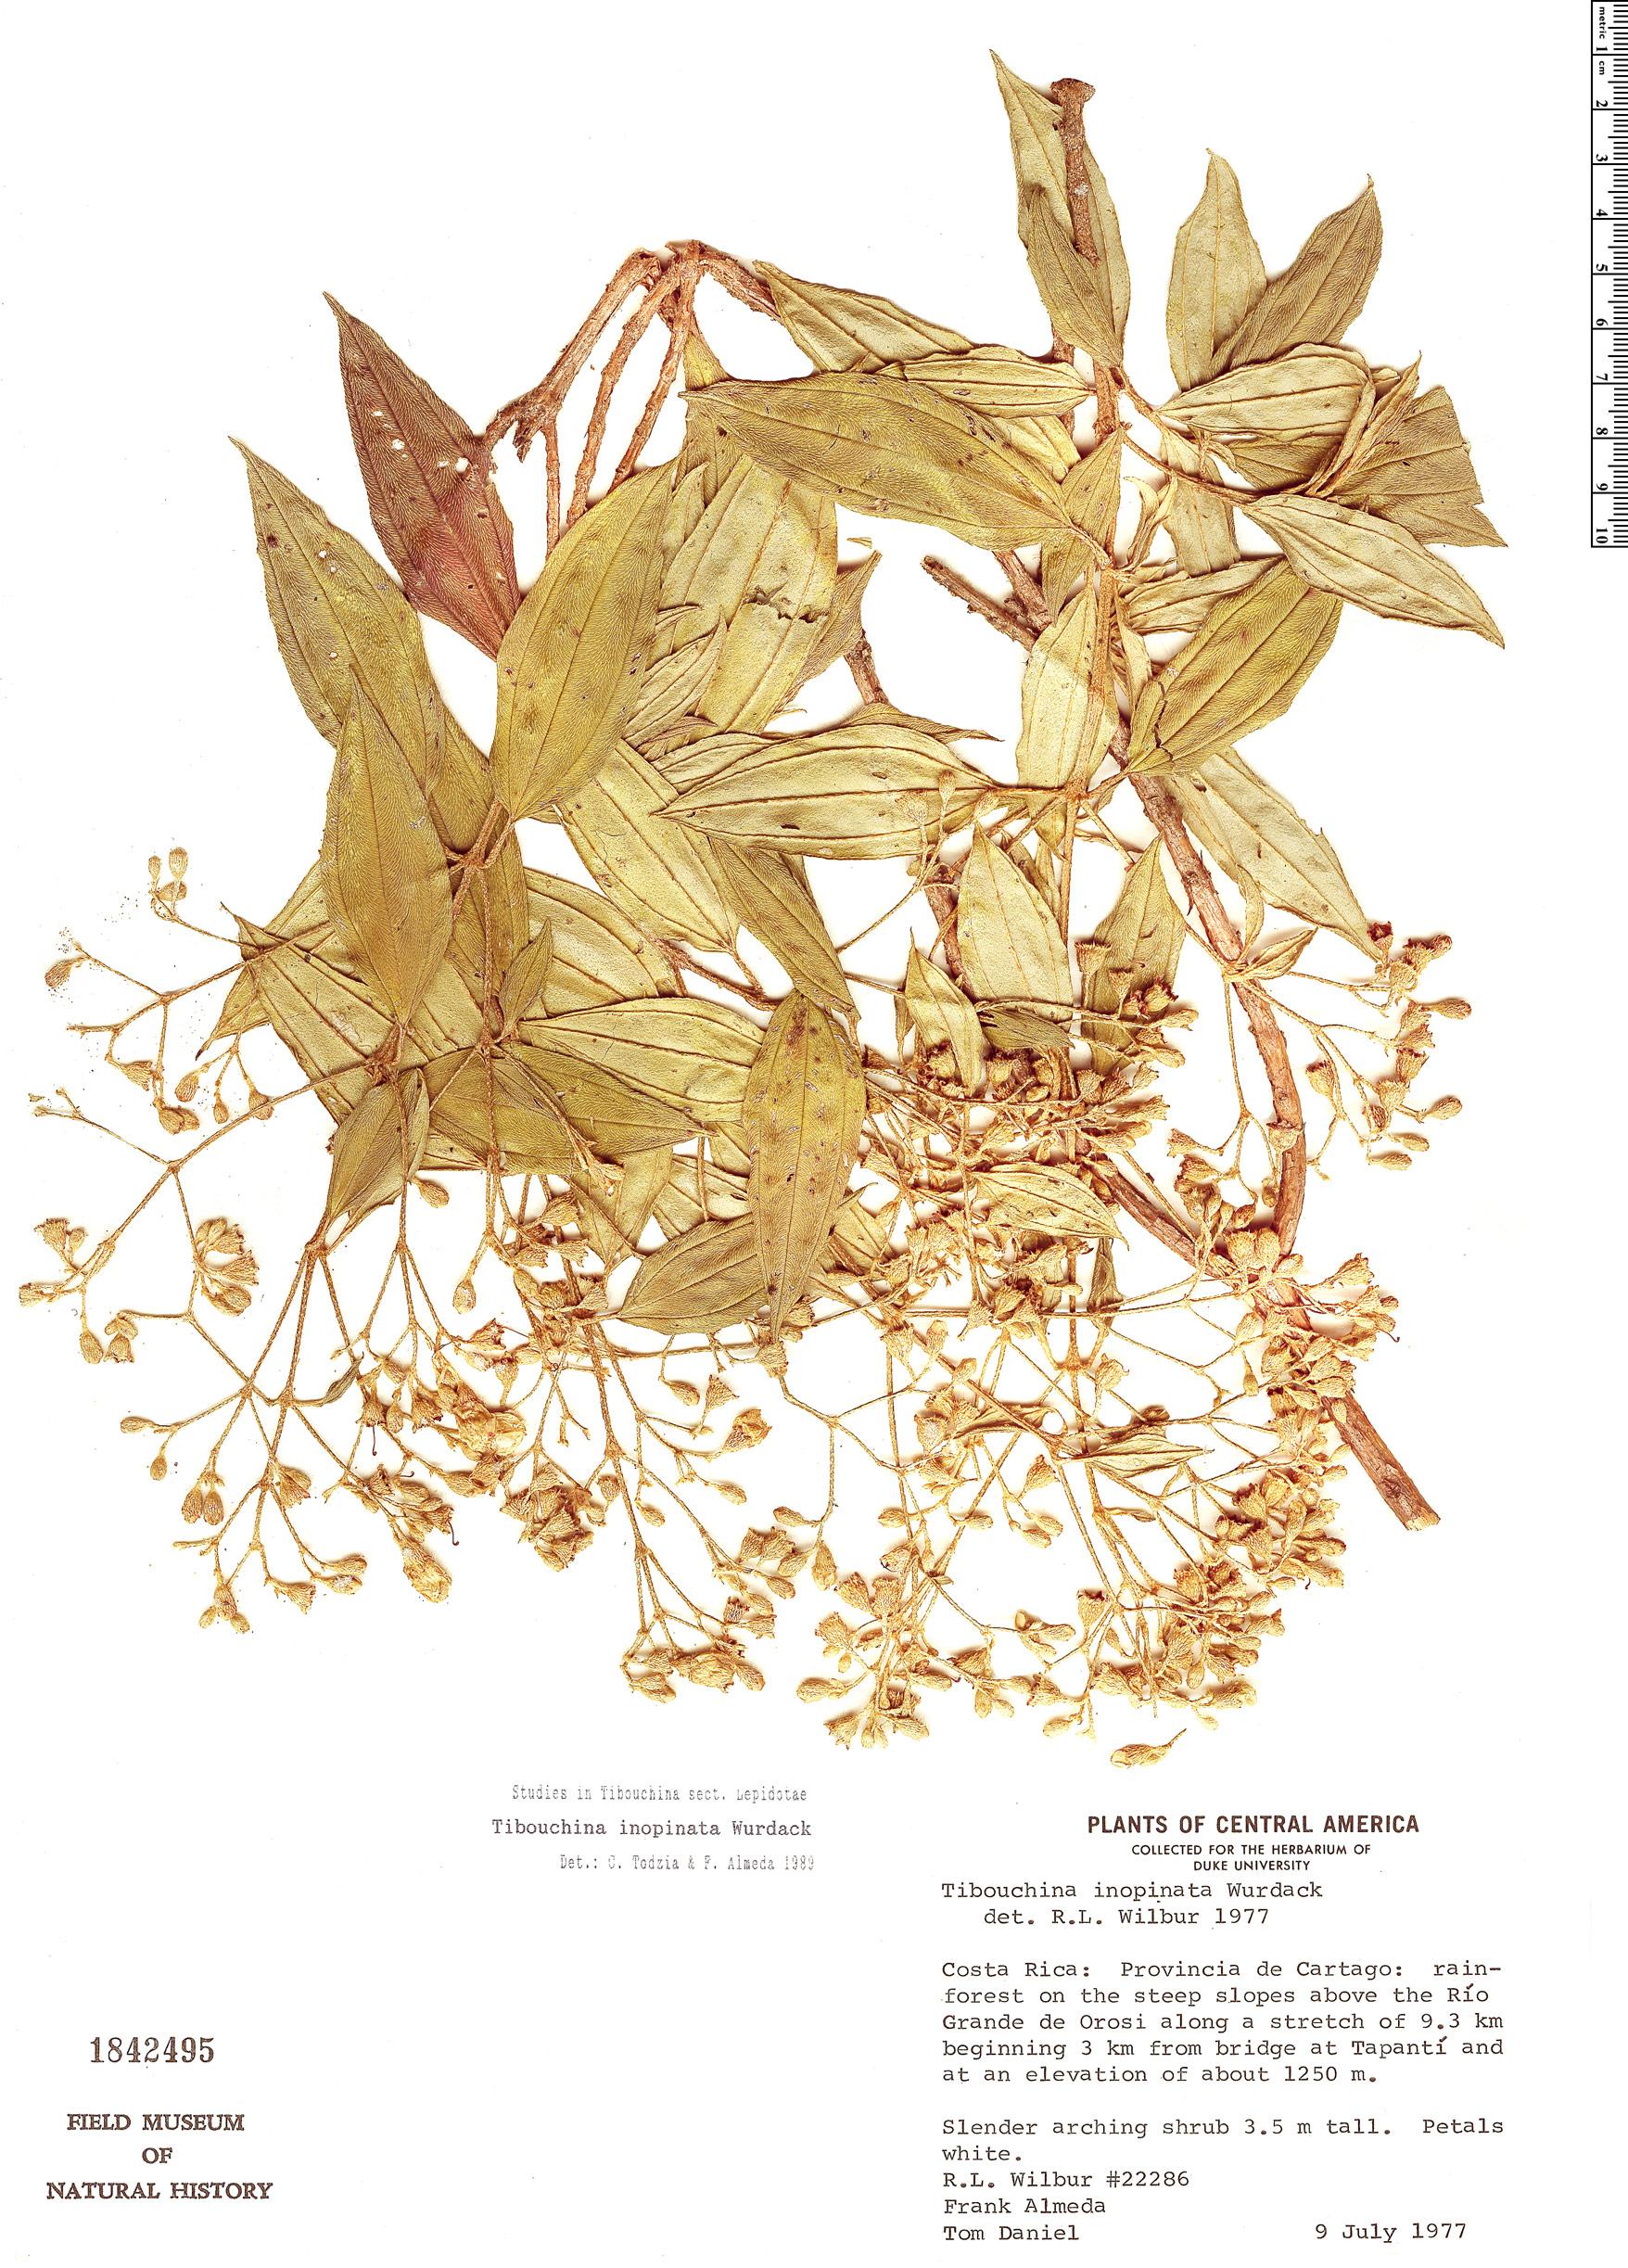 Specimen: Tibouchina inopinata